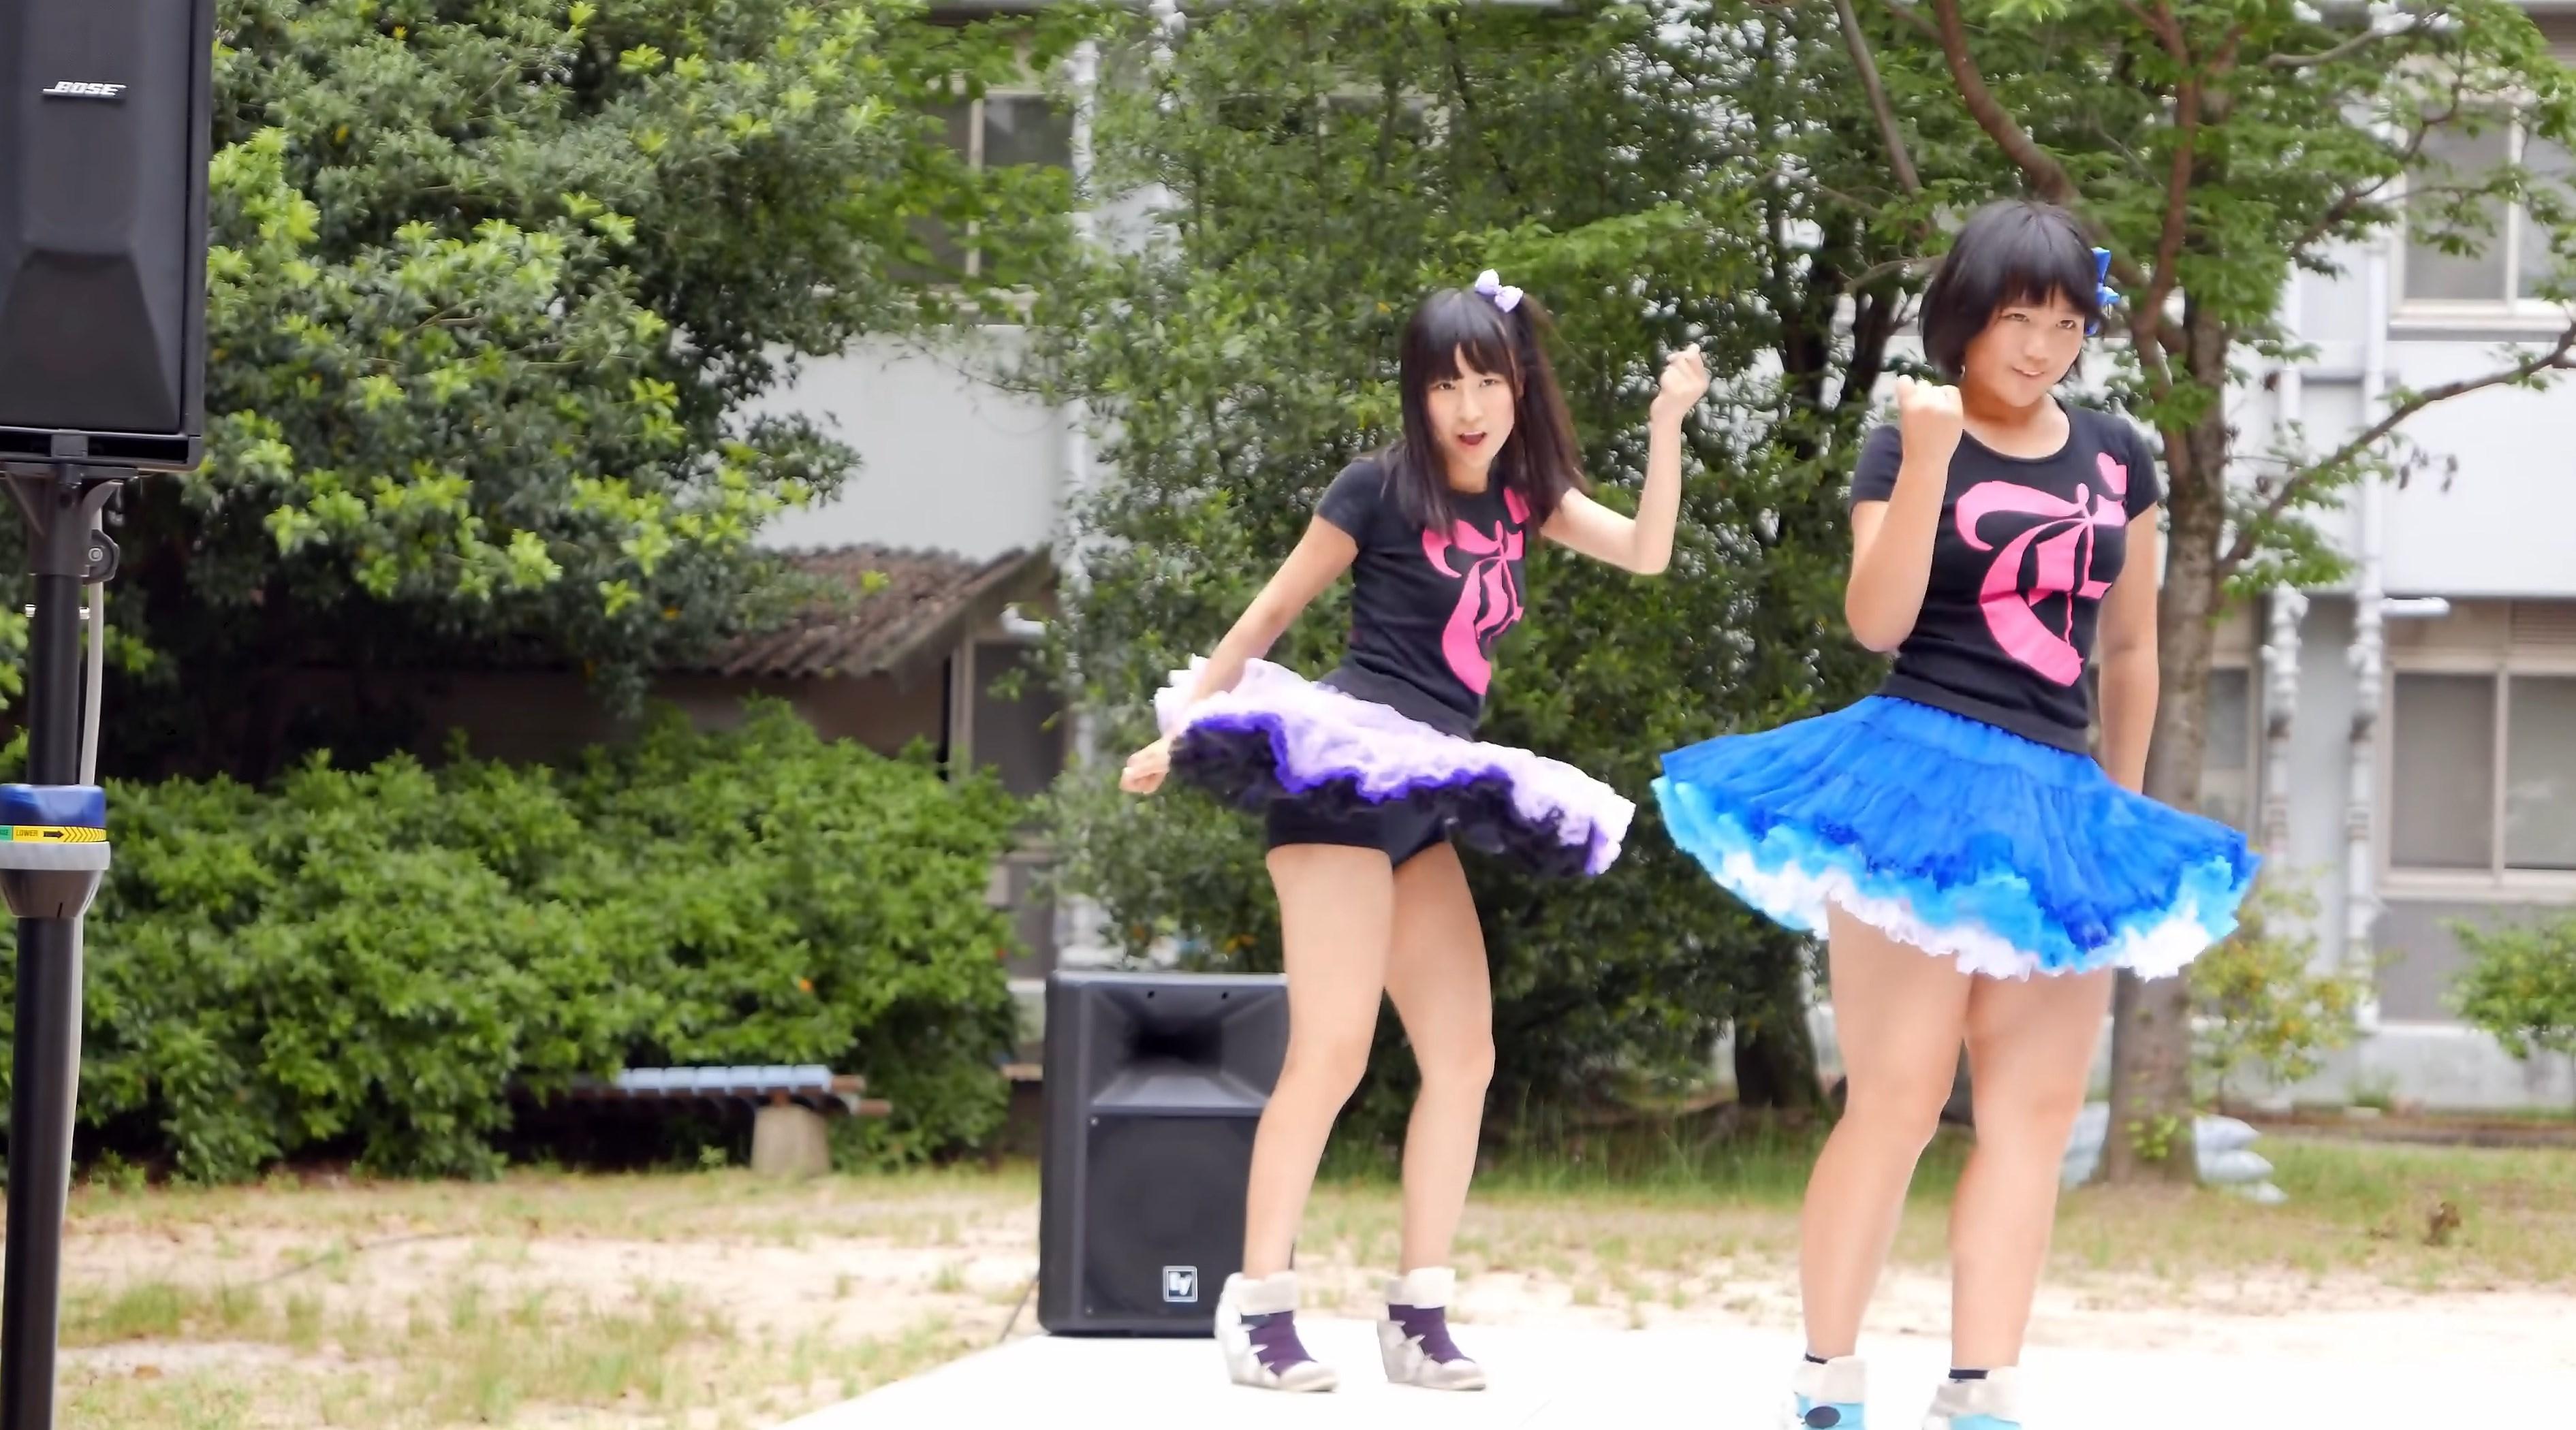 超美少女なJKアイドルがブルチラ連発の神動画